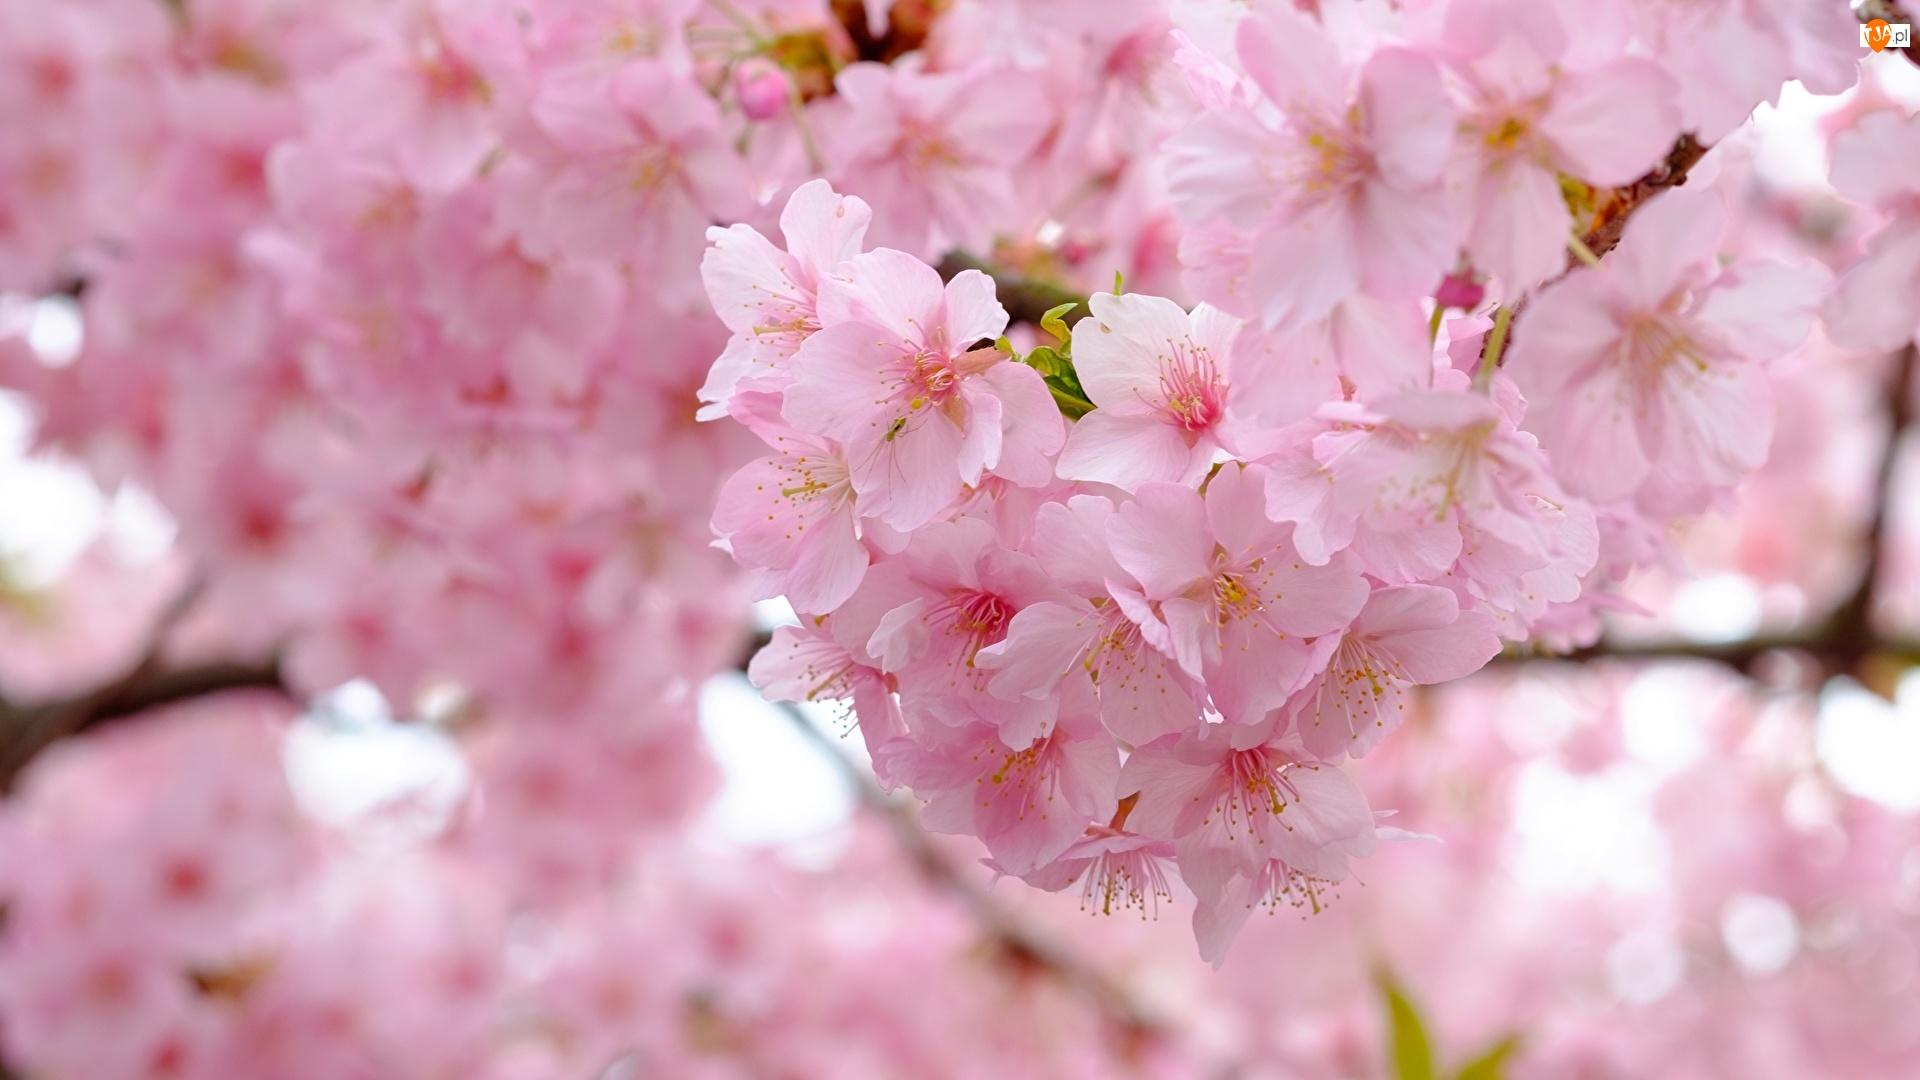 Wiśnia, Kwiaty, Drzewo owocowe, Kwitnące, Gałązka